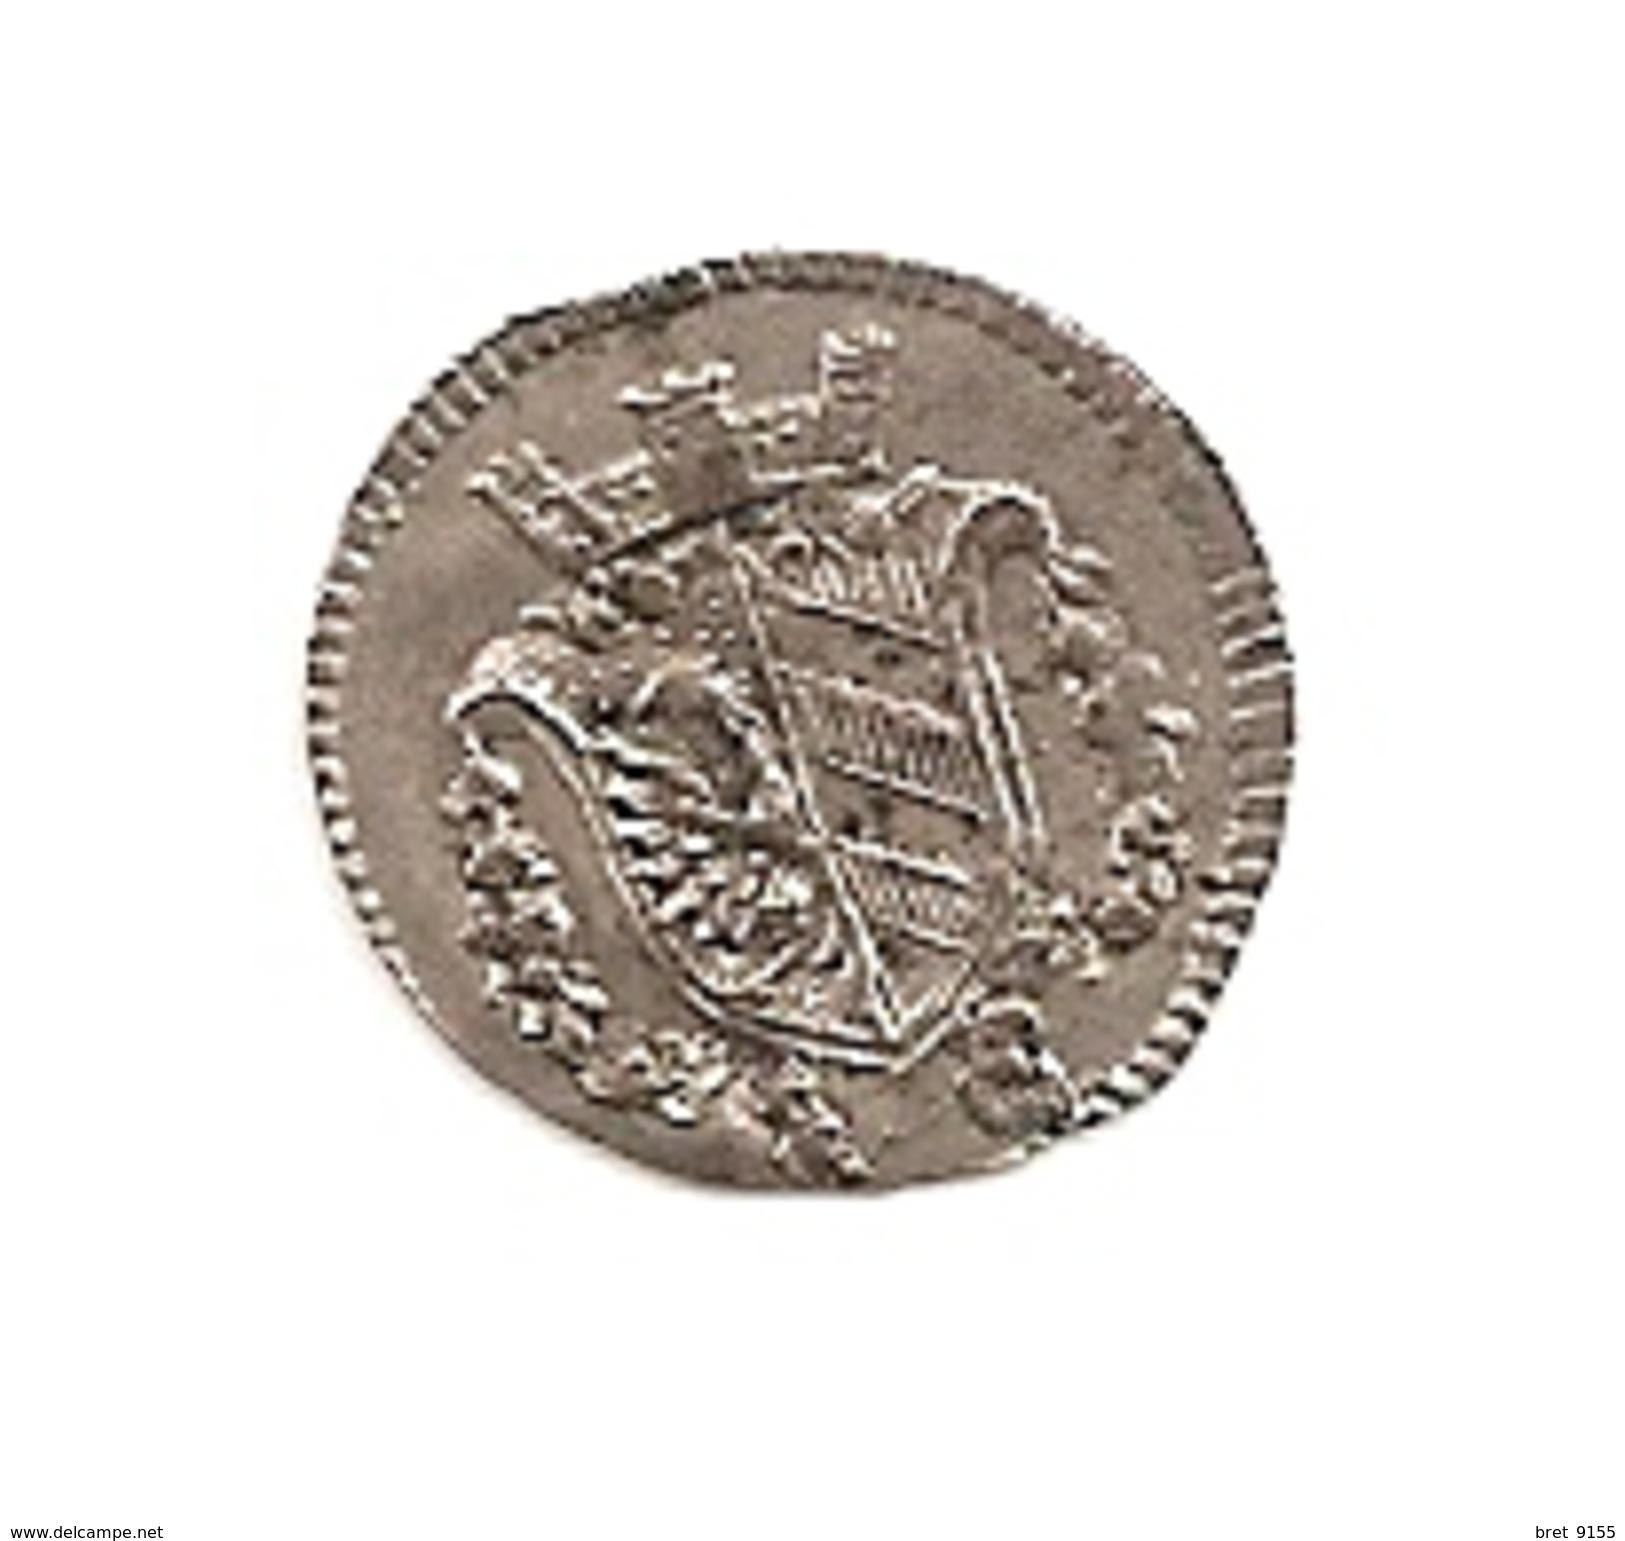 MONNAIE PIECE DE 1 KREUSER 1796  DE L ETAT ALLEMAND DE NUREMBERG KM 389  EN BILLON - [ 1] …-1871 : Etats Allemands